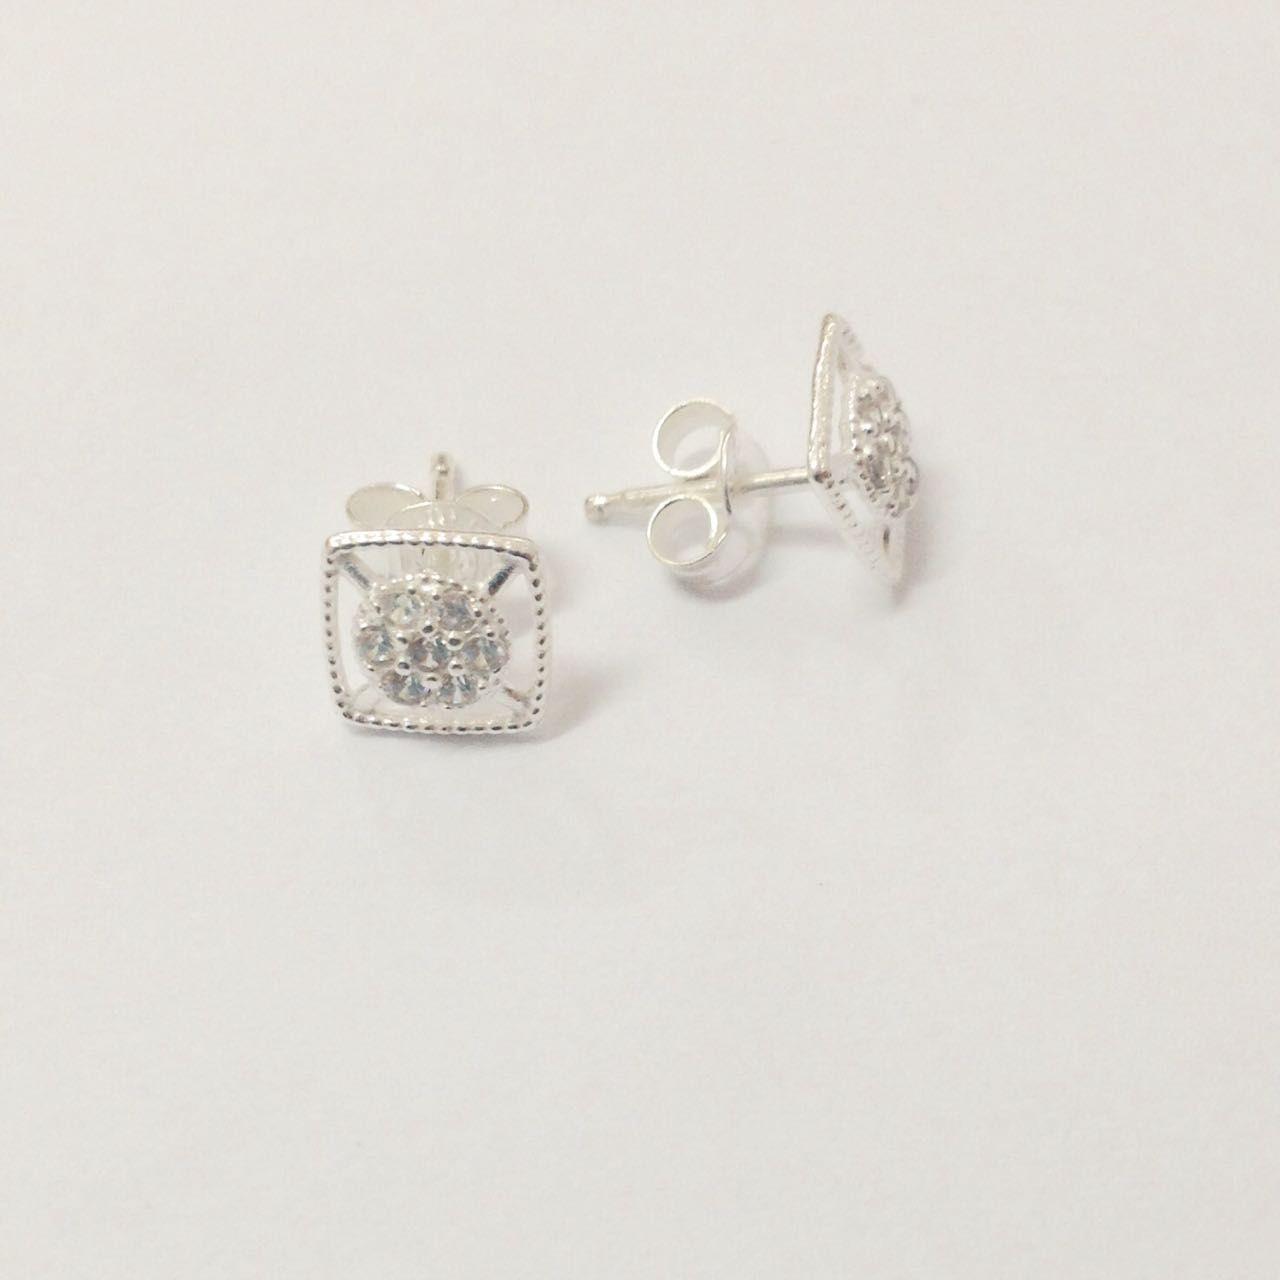 Brinco de Prata Quadrado Pequeno